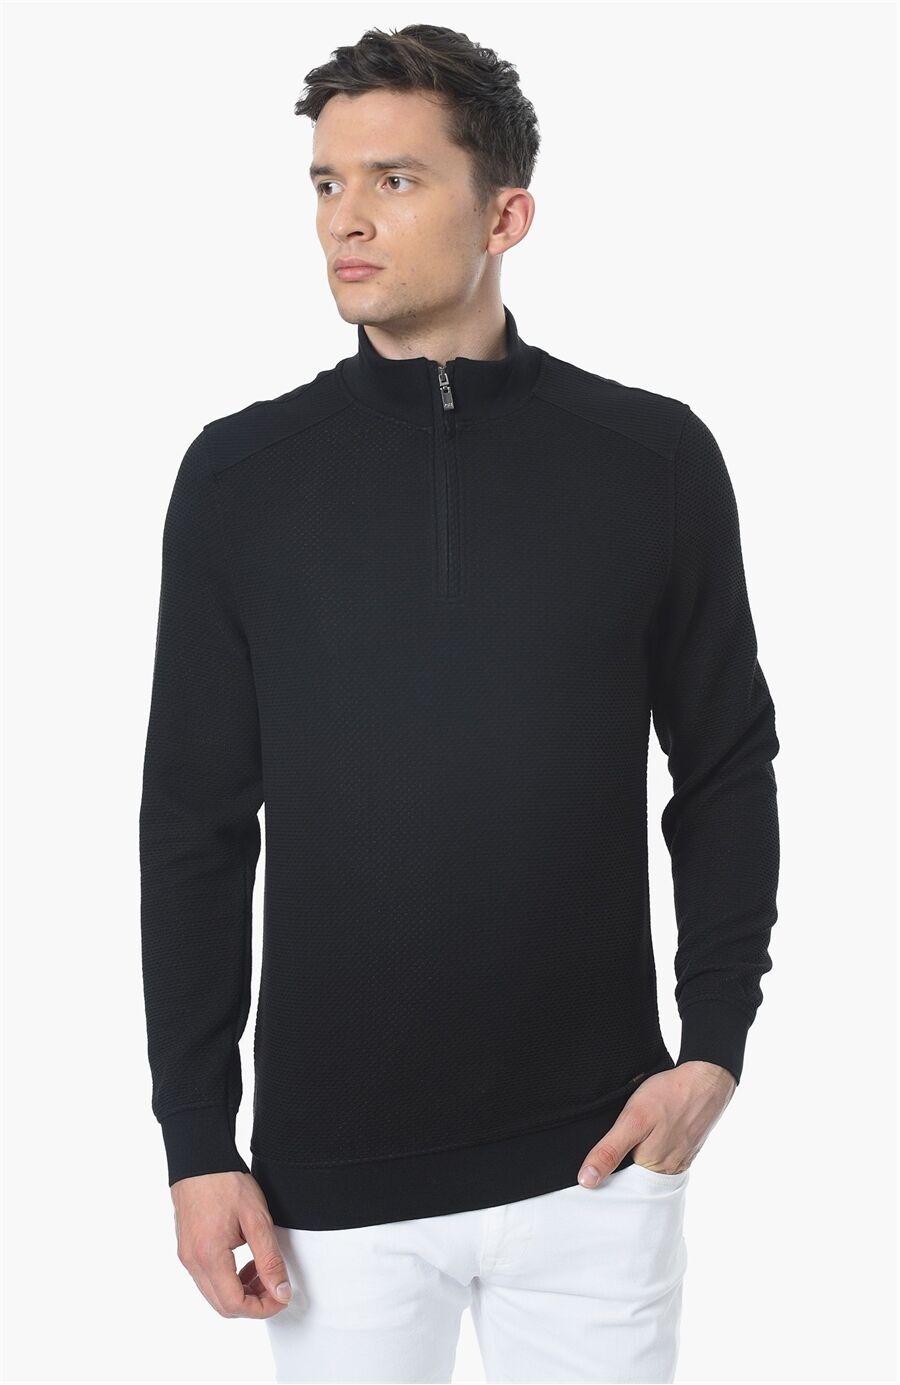 Mikro Rahat Kesim Siyah Sweatshirt